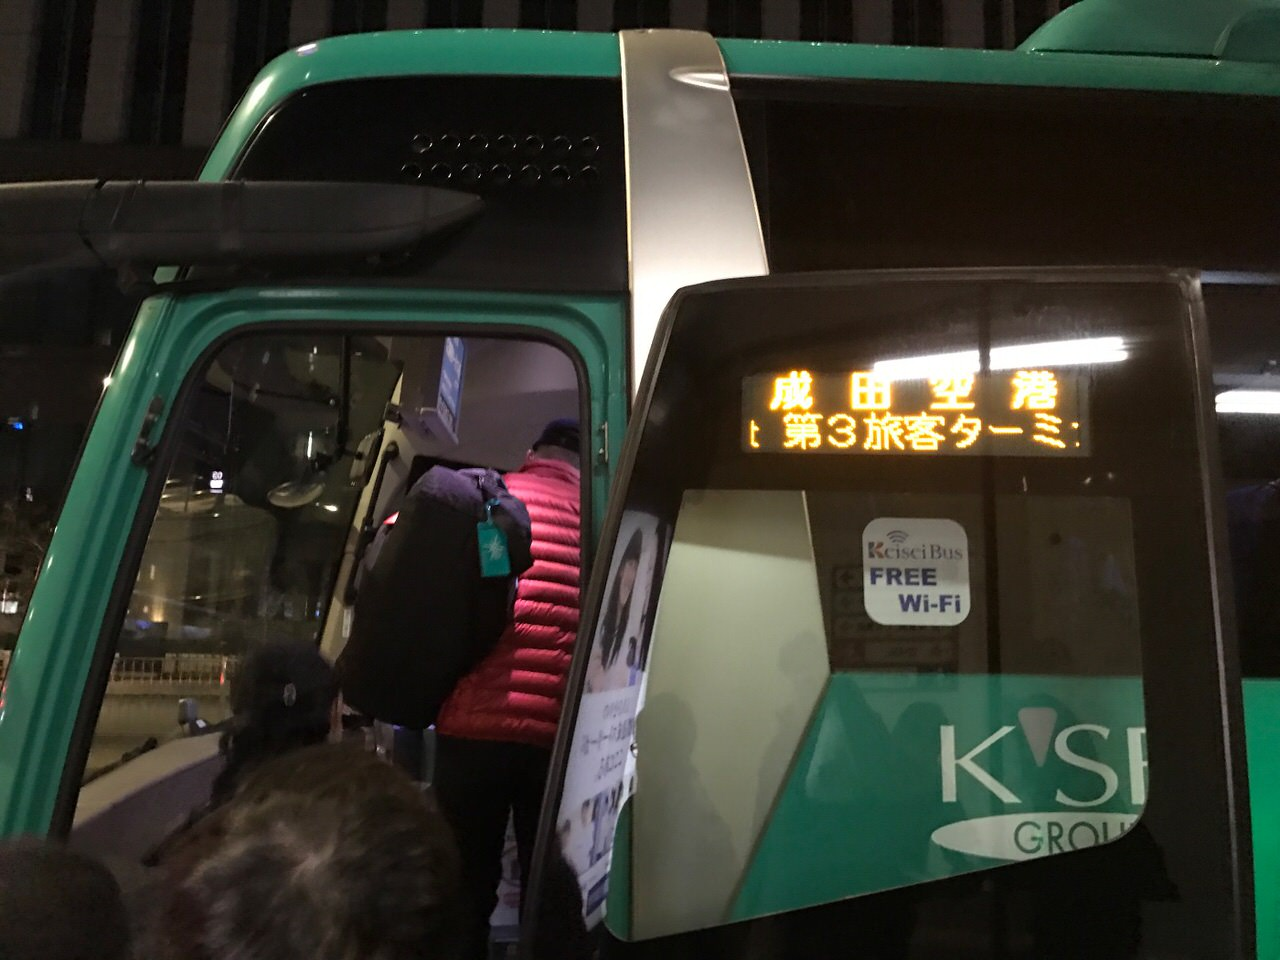 成田空港行きの深夜バスに乗り第3ターミナルで夜を明かした感想